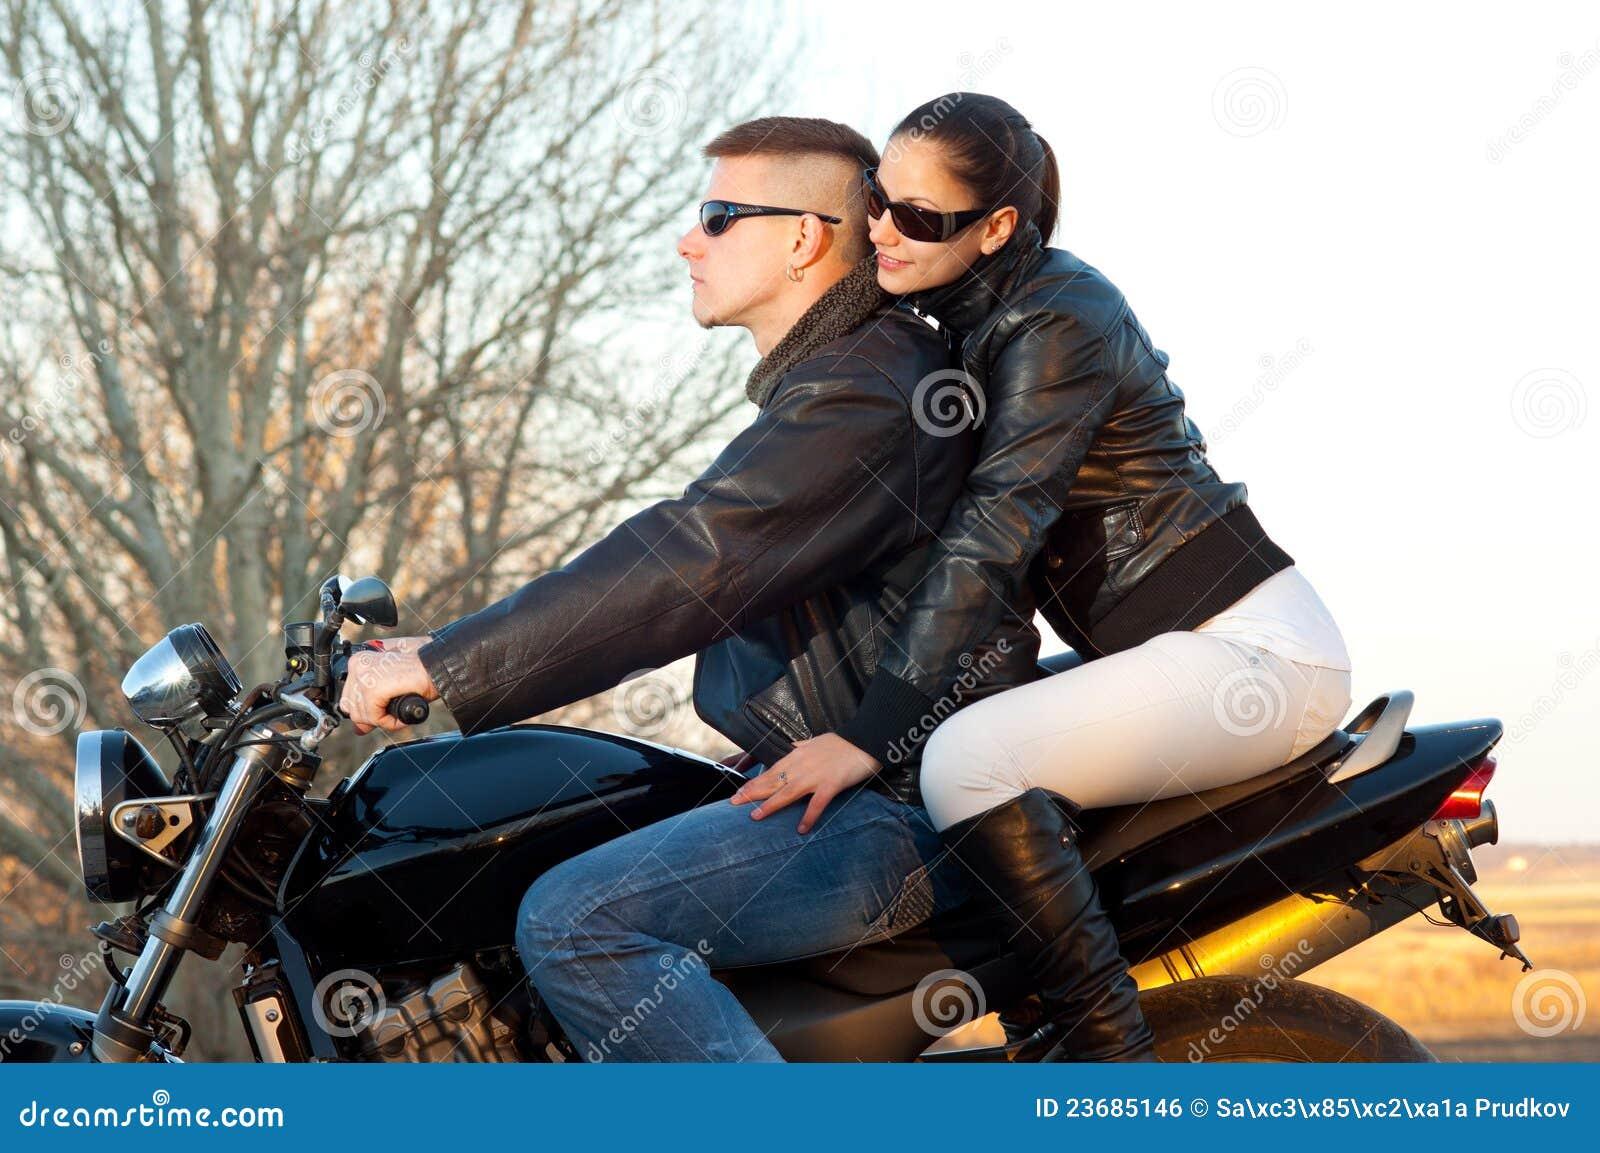 Corrida de motos fotos 16